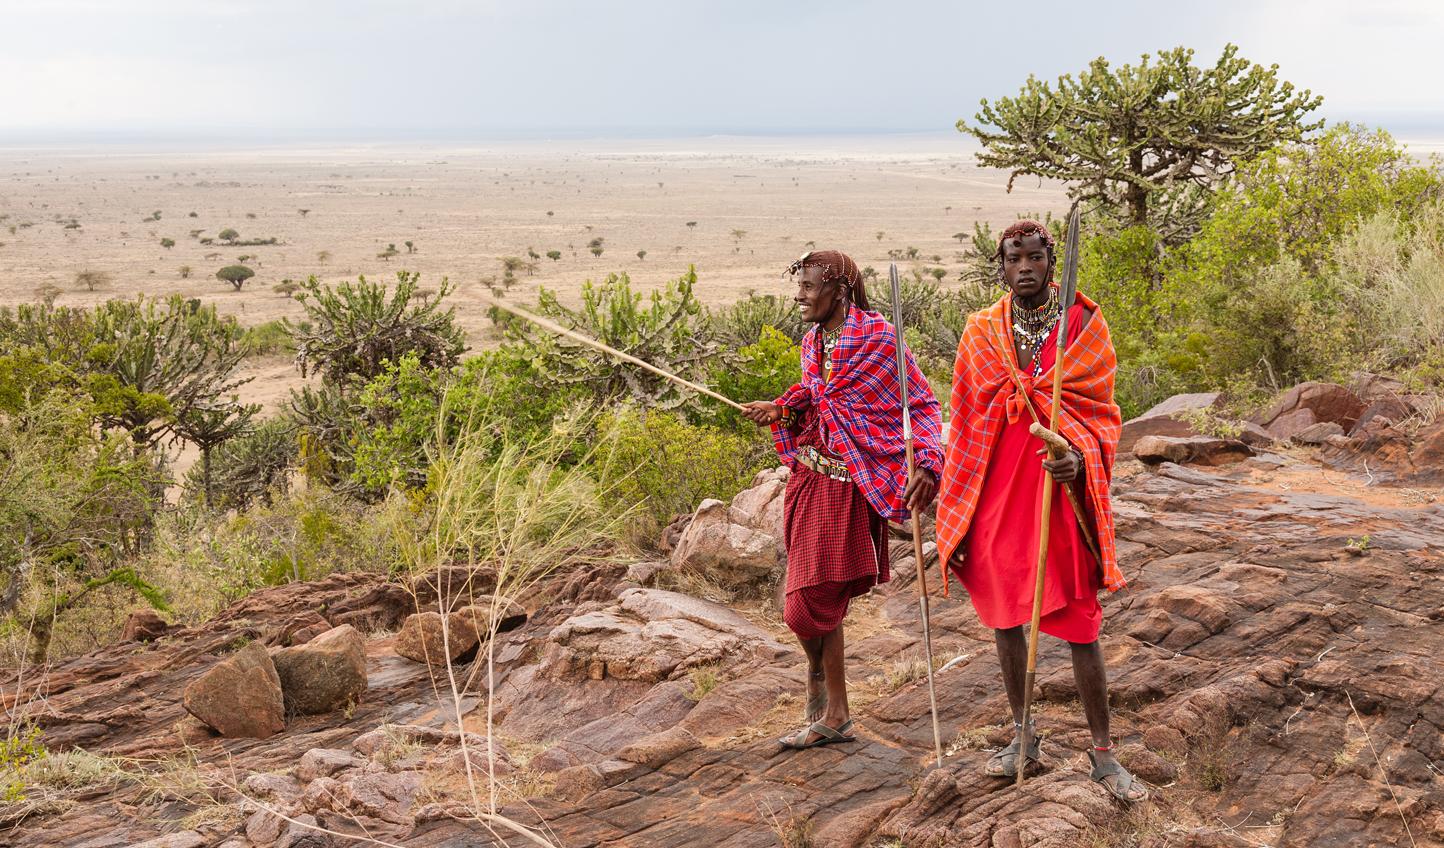 The Maasai Mara people exploring the region